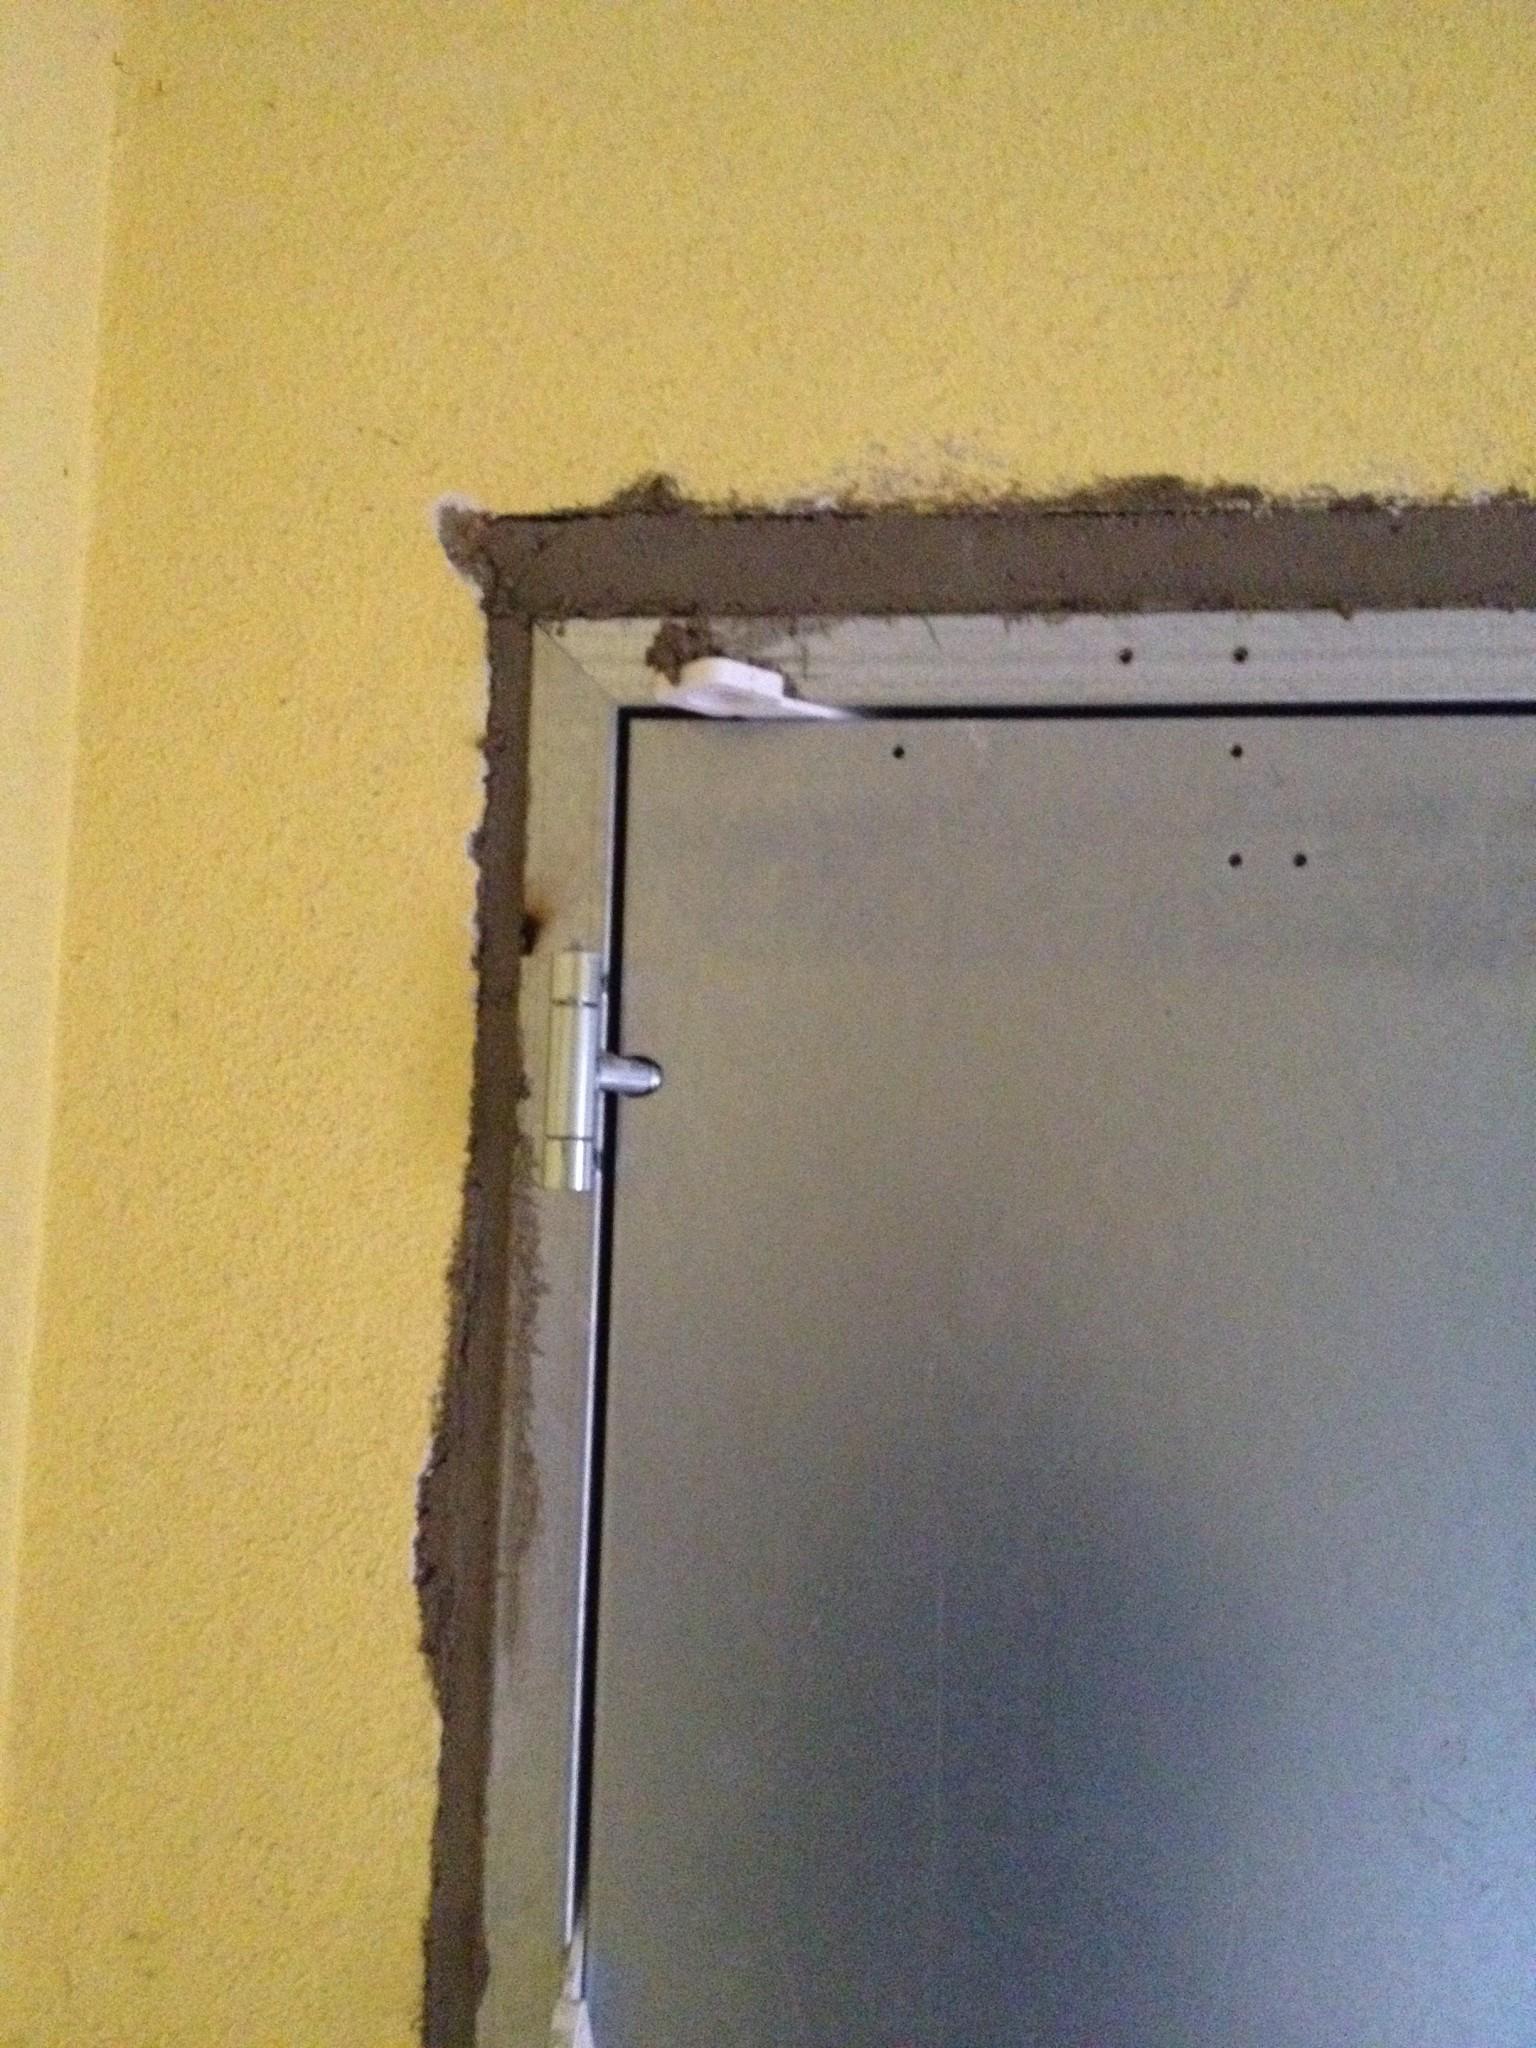 Résidence HLM - Installation de portes métalliques de type HEINEN métal+, pour sécuriser les accès cave